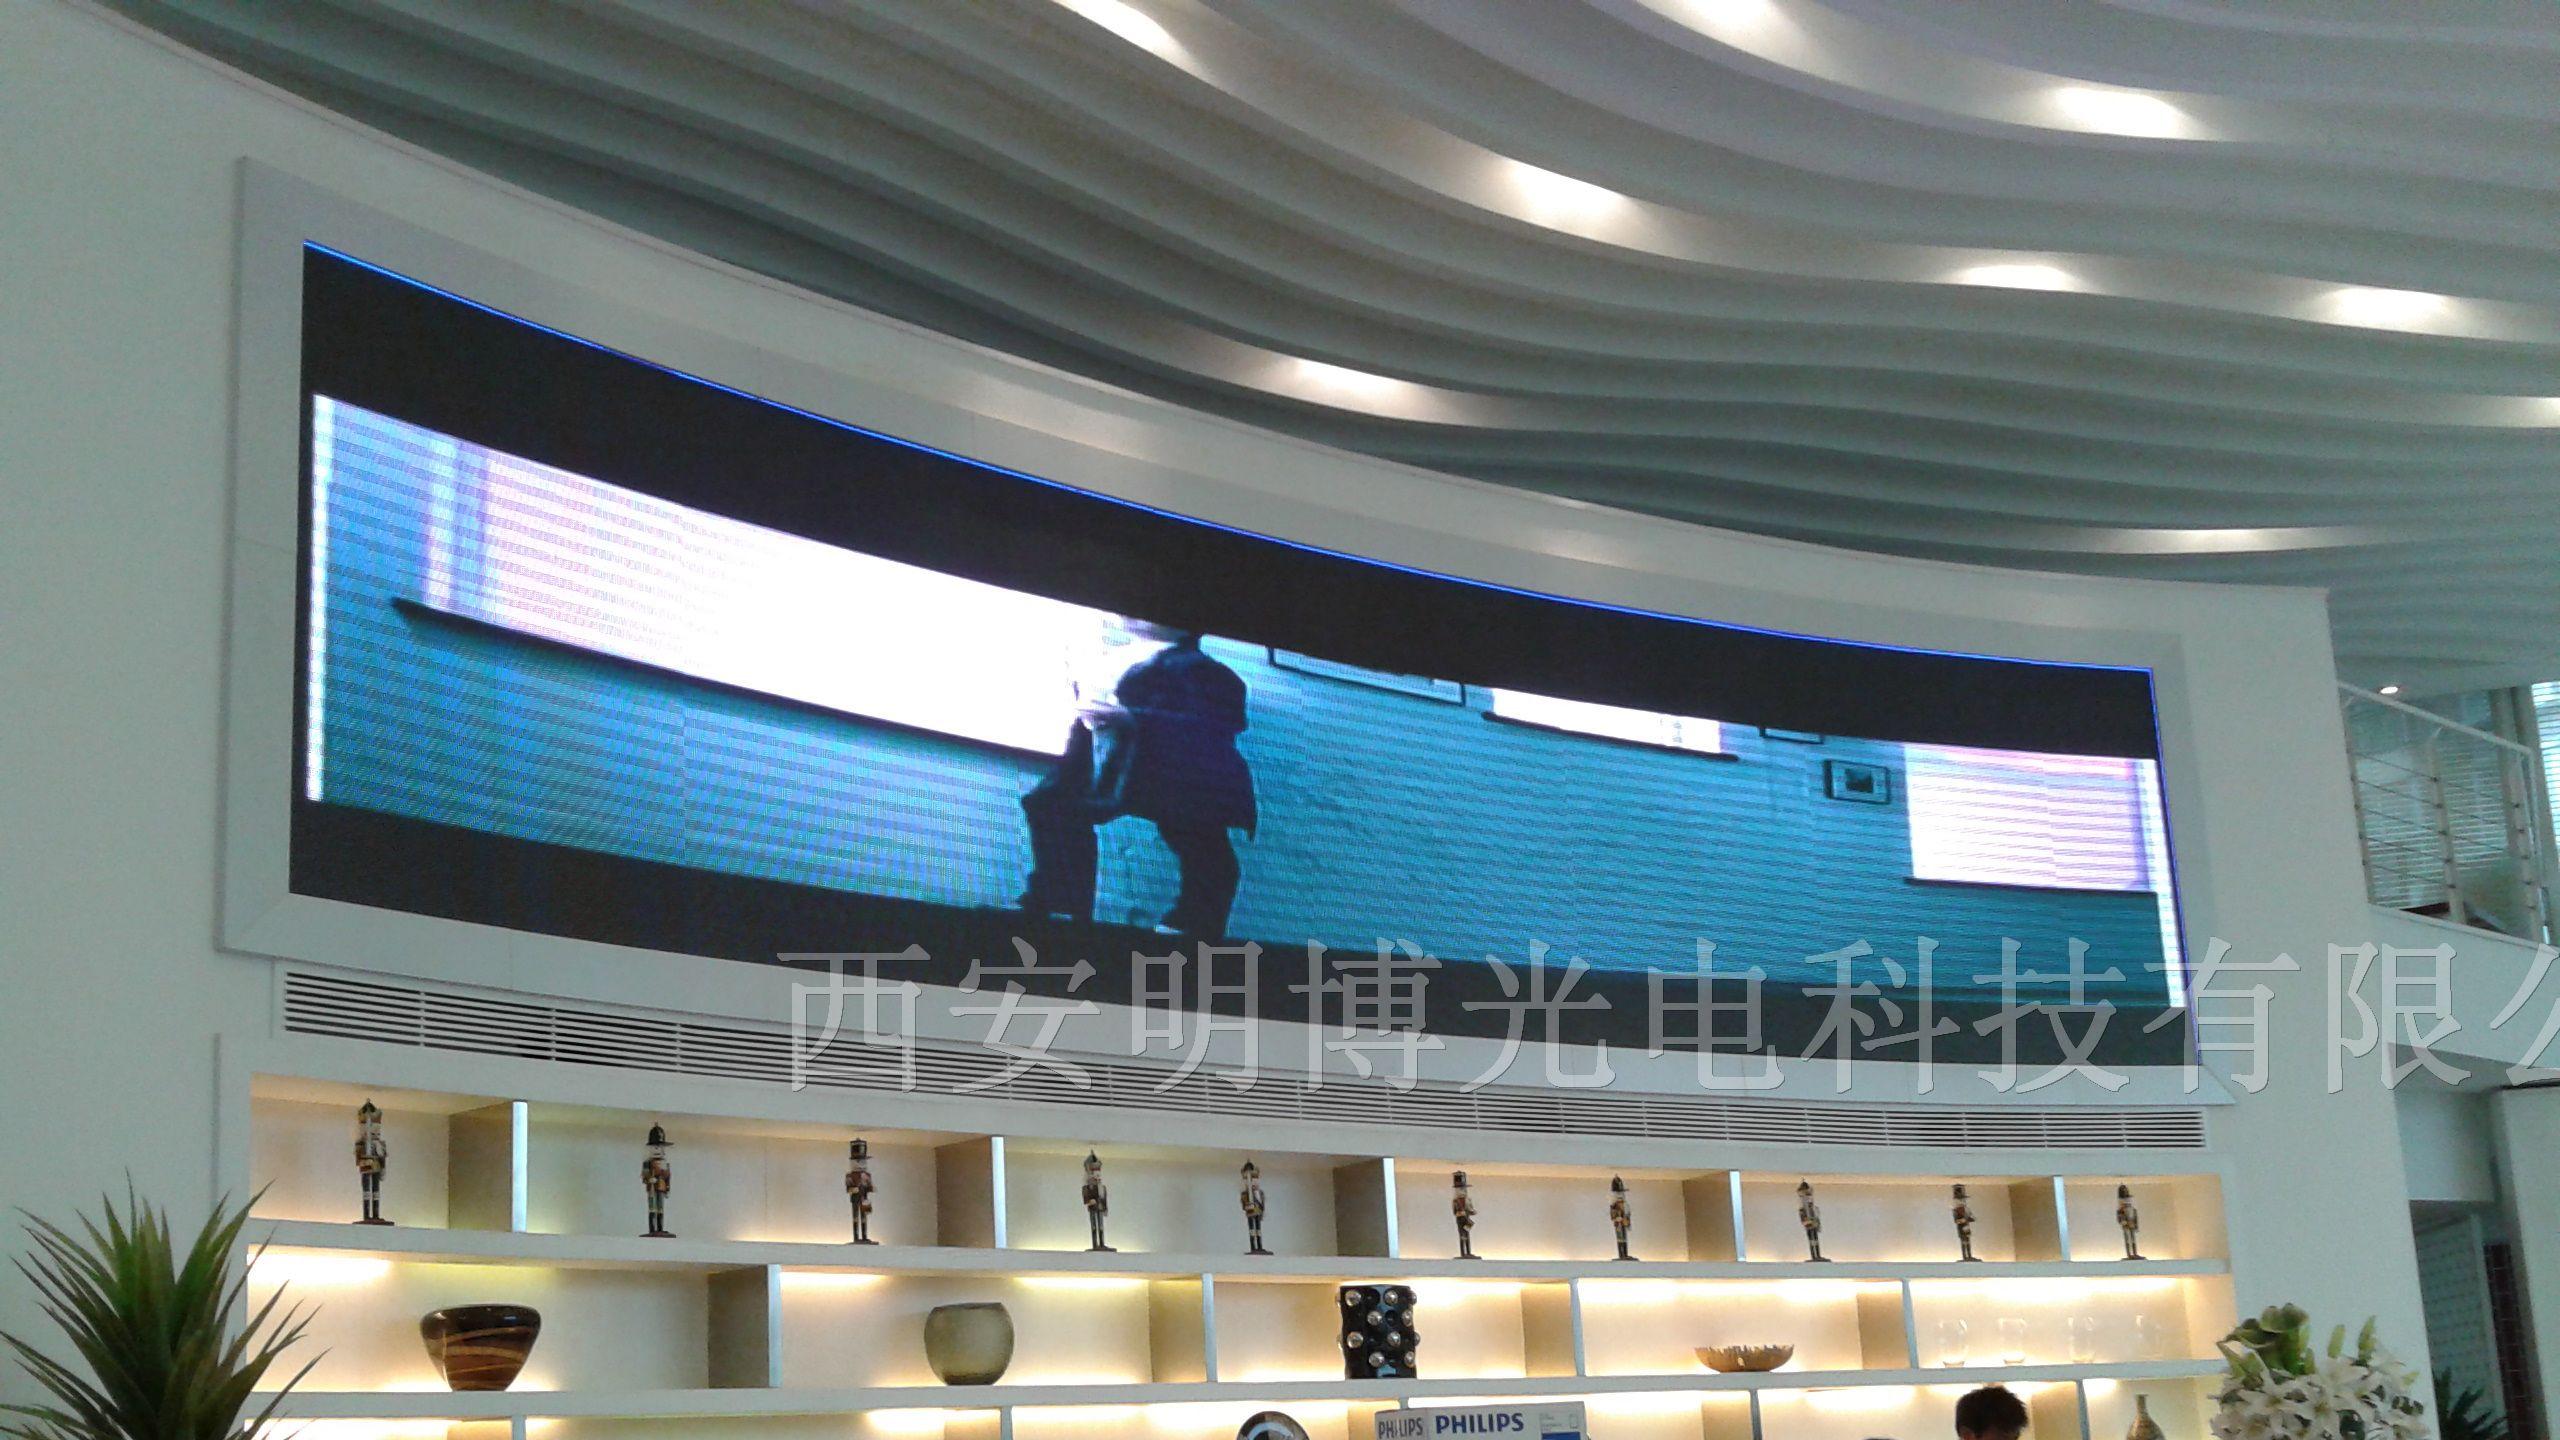 陕西浩博基业电子科技有限公司是一家集LED电子显示屏、照明系列产品的研发、生产、销售以及城市亮化工程设计、施工、维护于一体的综合生产厂商。 总公司成立于2005年,本着倡导质量第一、服务第一、诚信第一的理念,不断专研创新,全力打造国际LED市场第一品牌形象。 五年钻研,不懈努力,浩博基业以制定行业标准为己任,以打造中国人自己的品牌为目标,努力拼搏,不断进取,不但积累了丰富的研发经验,并先后取得了行业内多种认证,为浩博基业在行业内的地位取得了突破性的发展,公司不仅拥有一流自动化生产设备、标准10万级洁净生